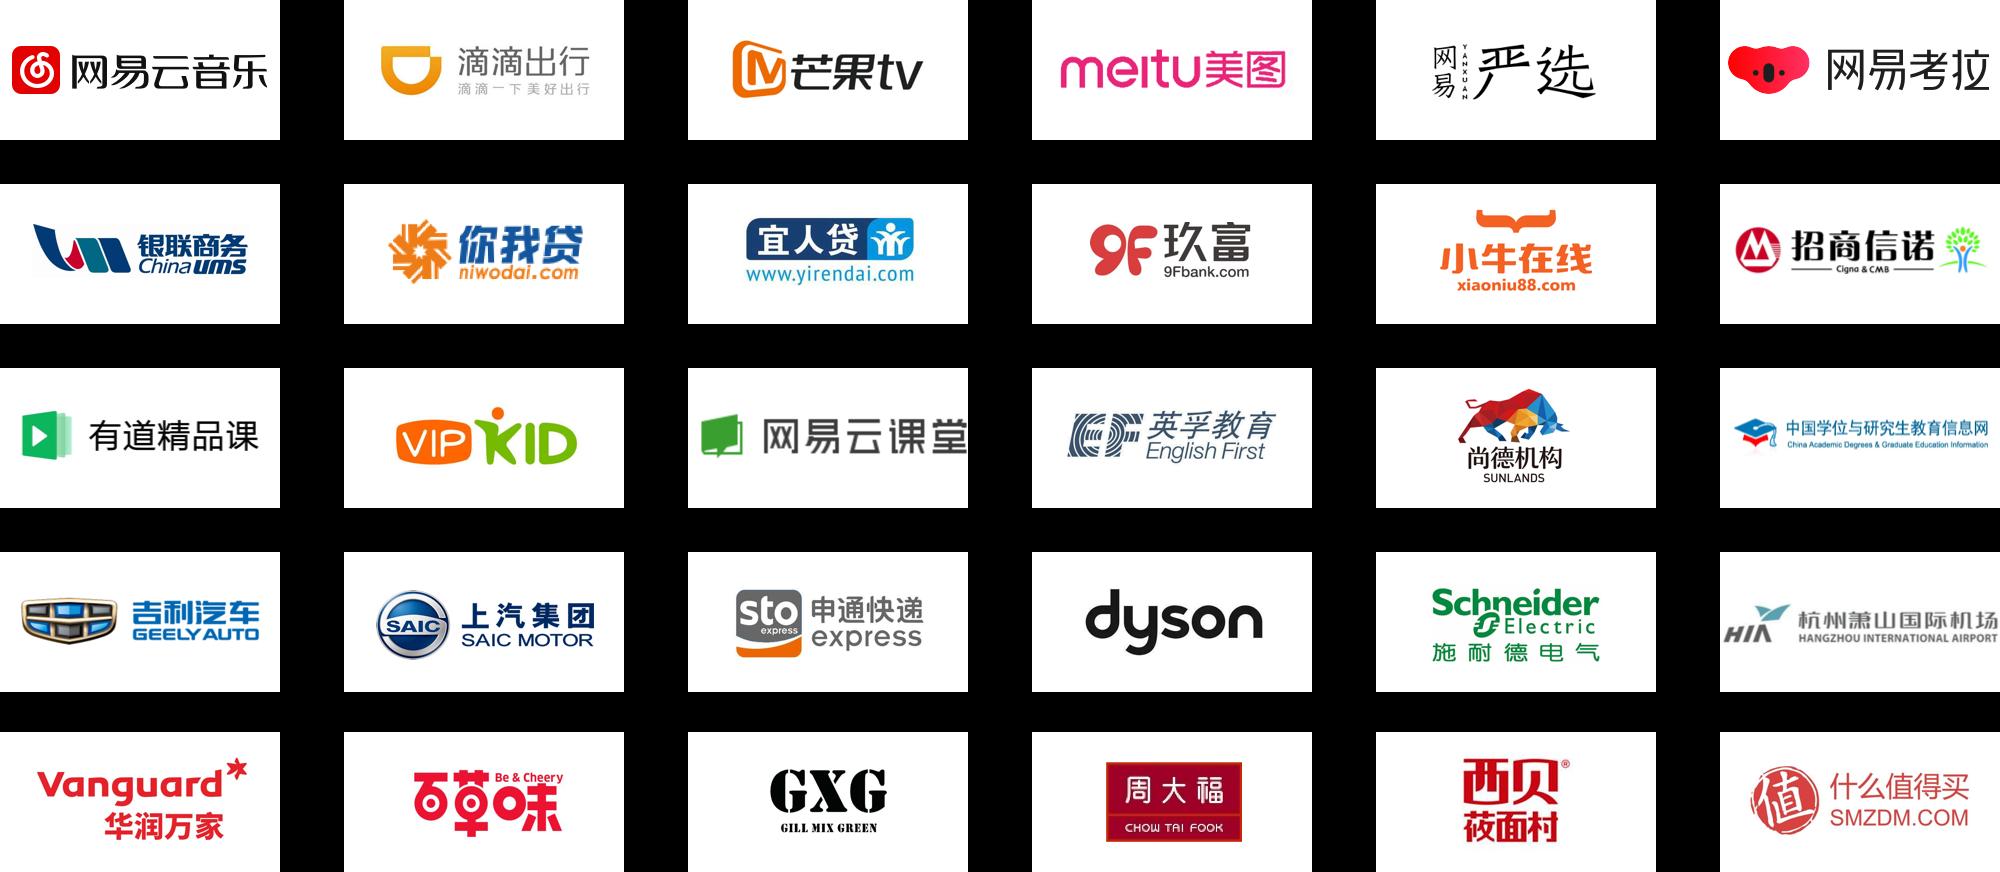 七鱼在线客服系统企业客户案例,数万家企业选择了在线客服平台。